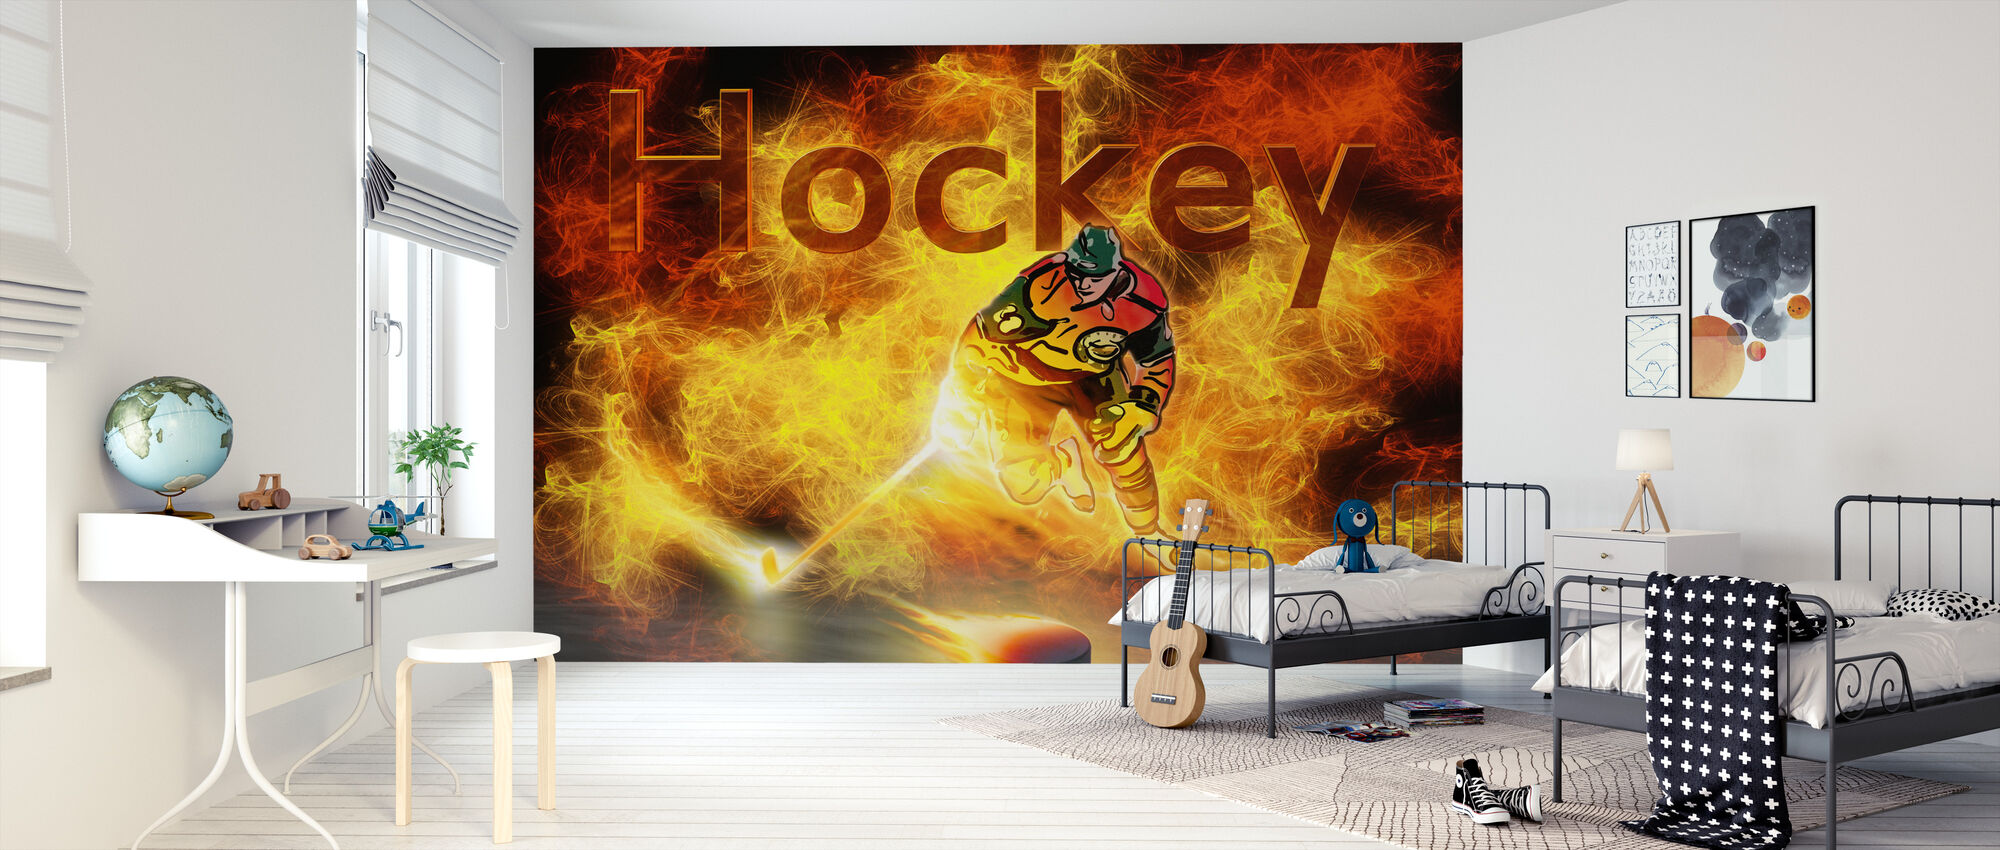 Hockey värme - Tapet - Barnrum